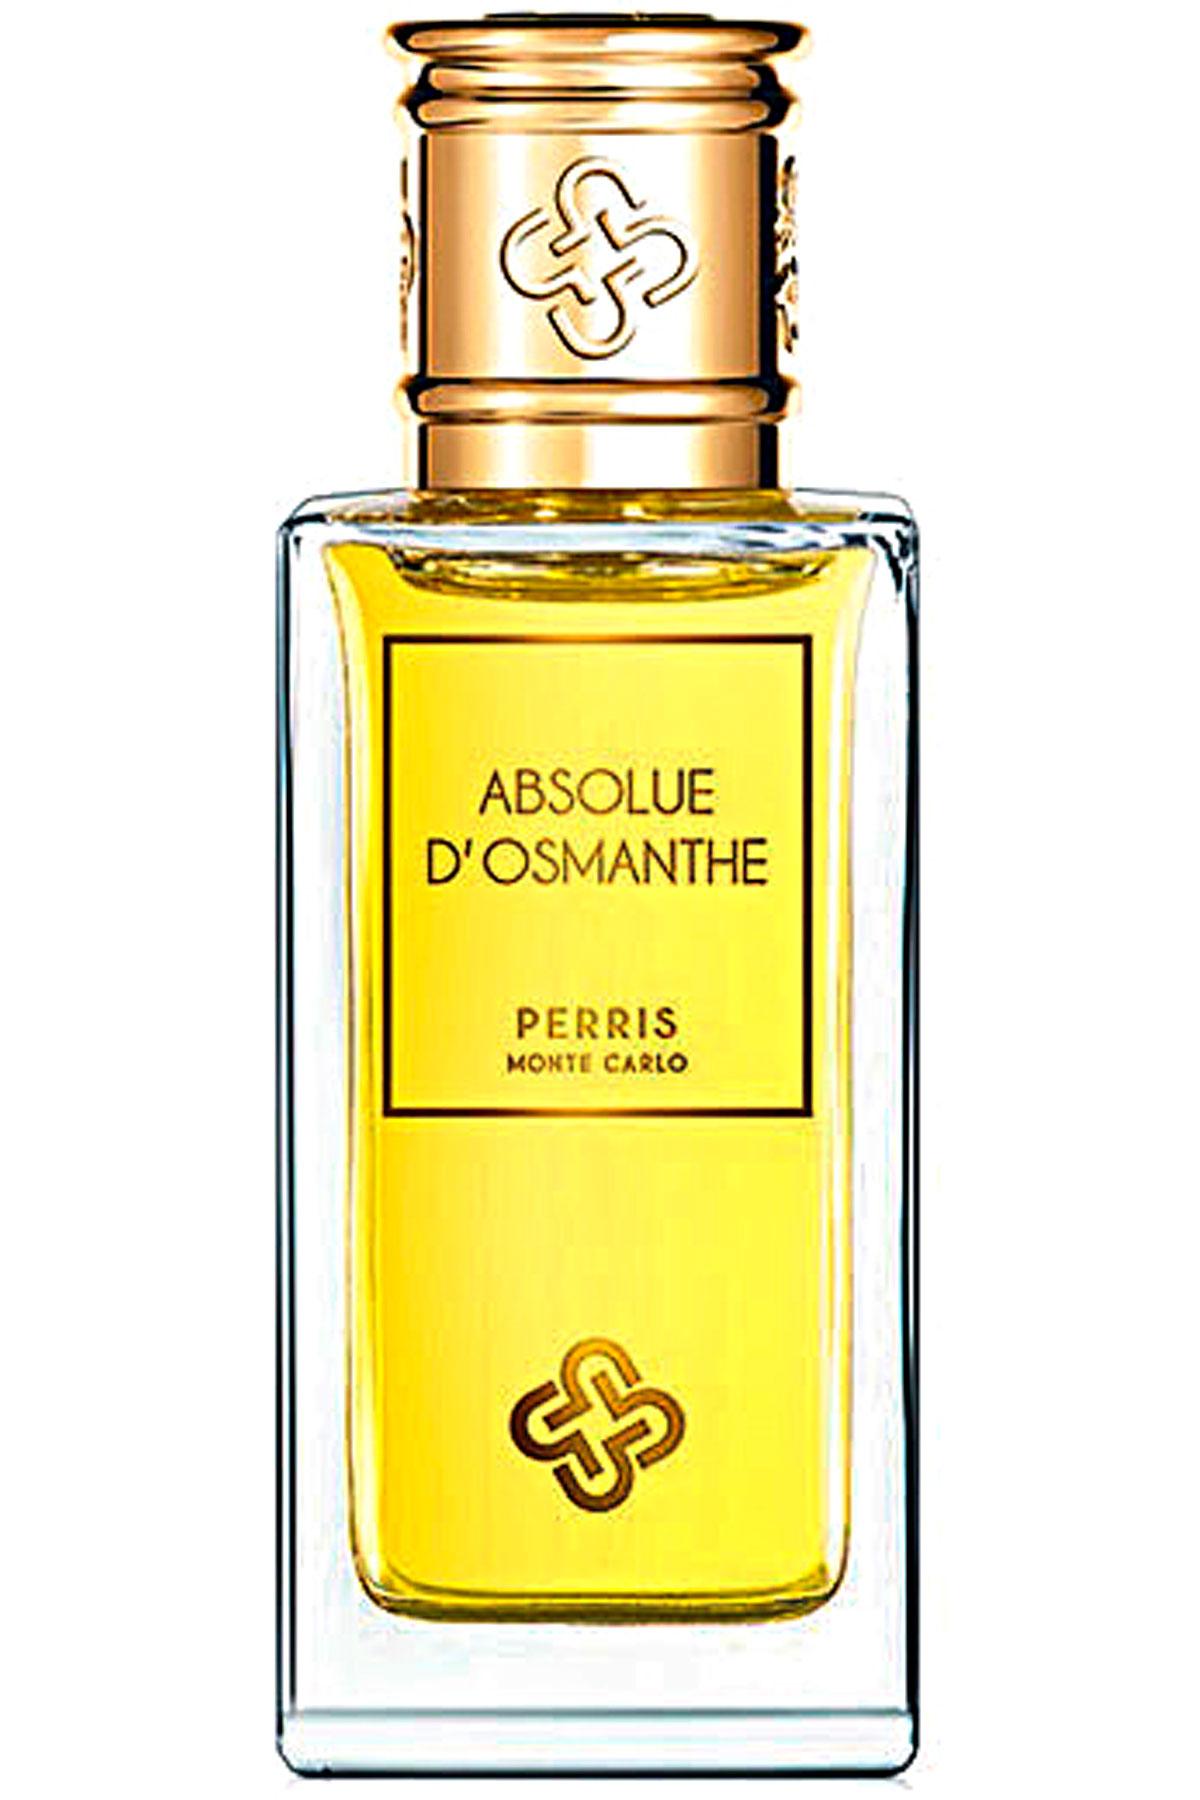 Perris Monte Carlo Fragrances for Men, Absolue D Osmanthe - Extrait De Parfum - 50 Ml, 2019, 50 ml